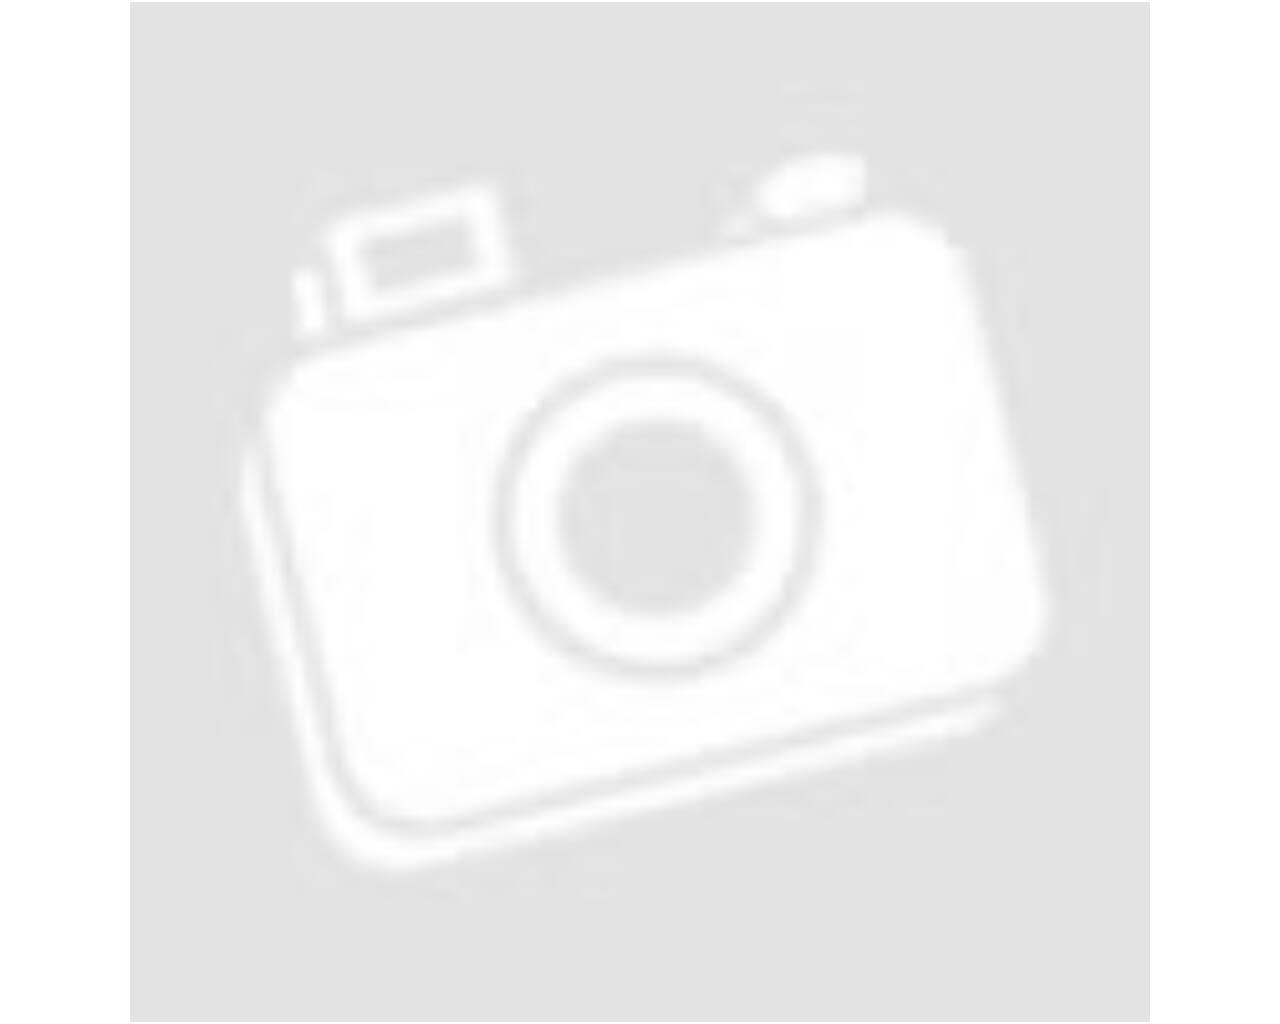 Ksanti Komód, fehér + fényes fehér, 163 x 80,5 x 40 cm